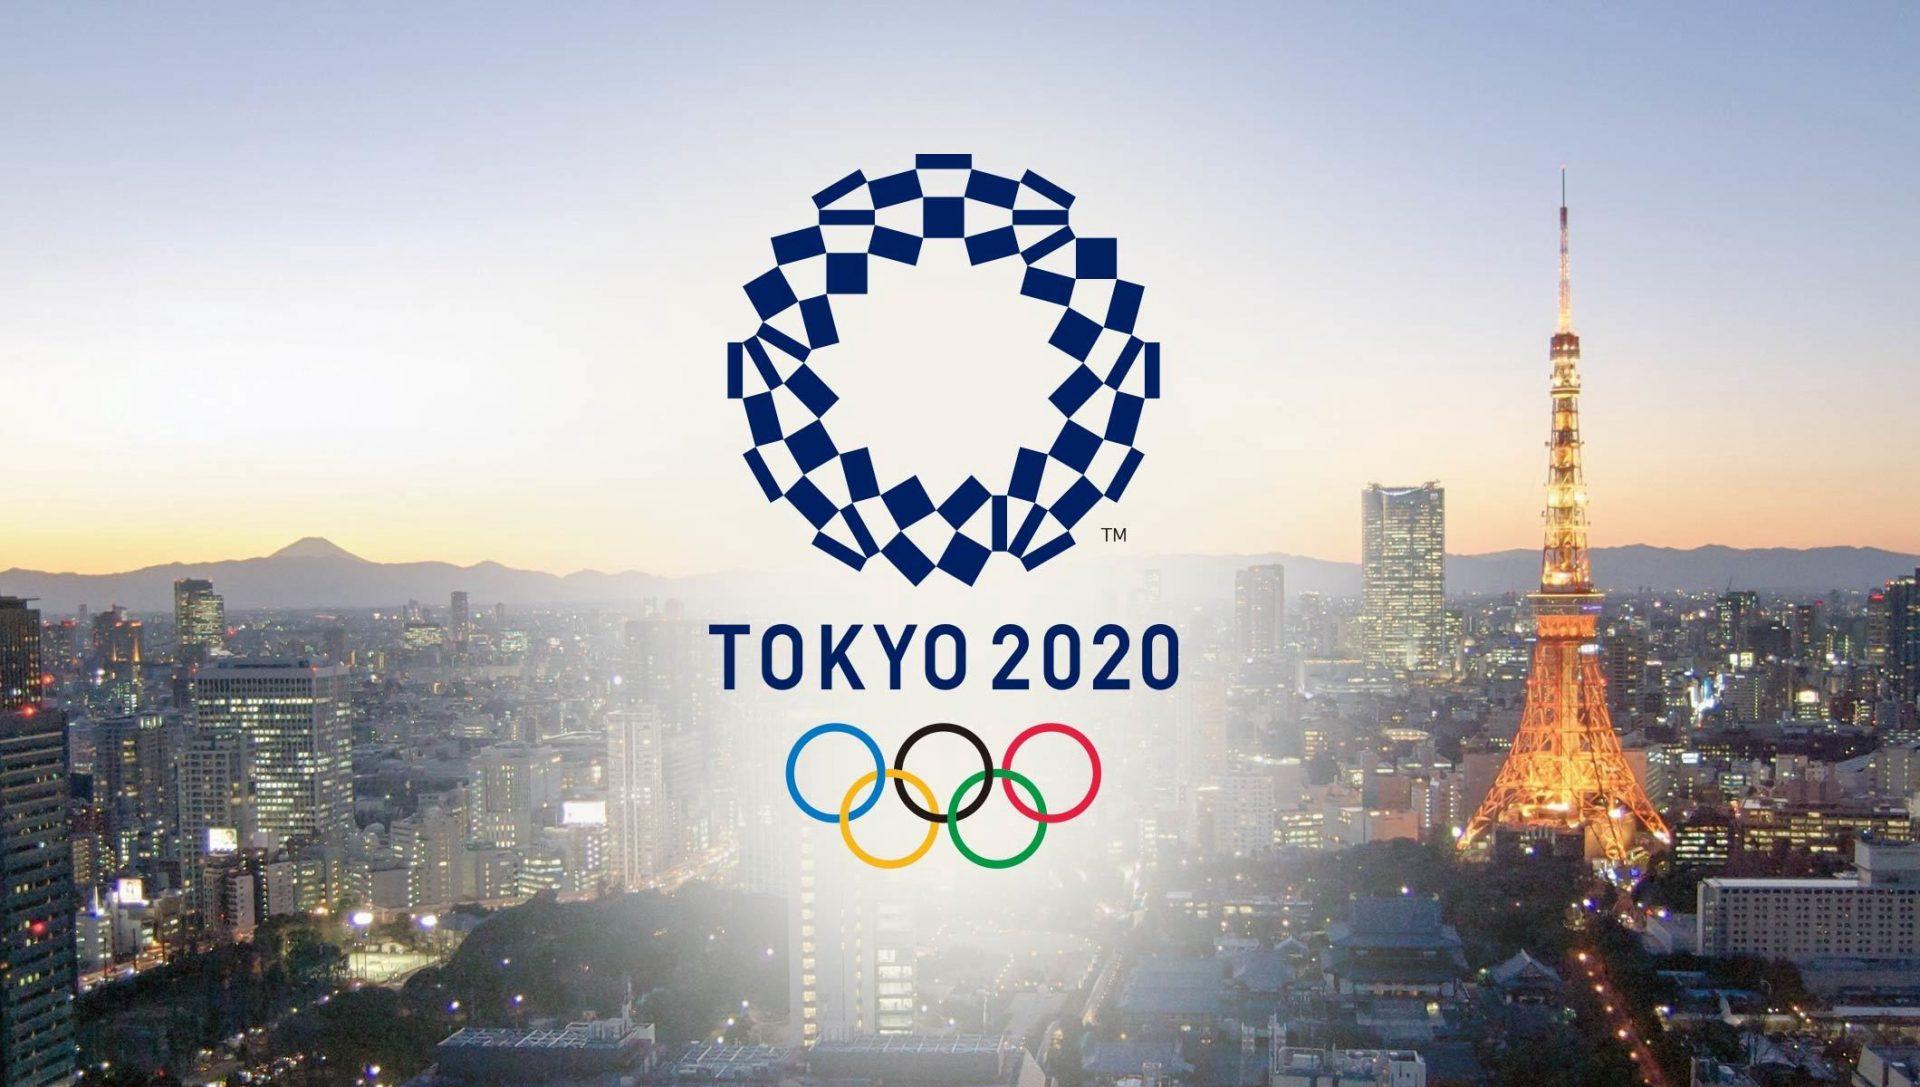 olimpíadas toquio 2020